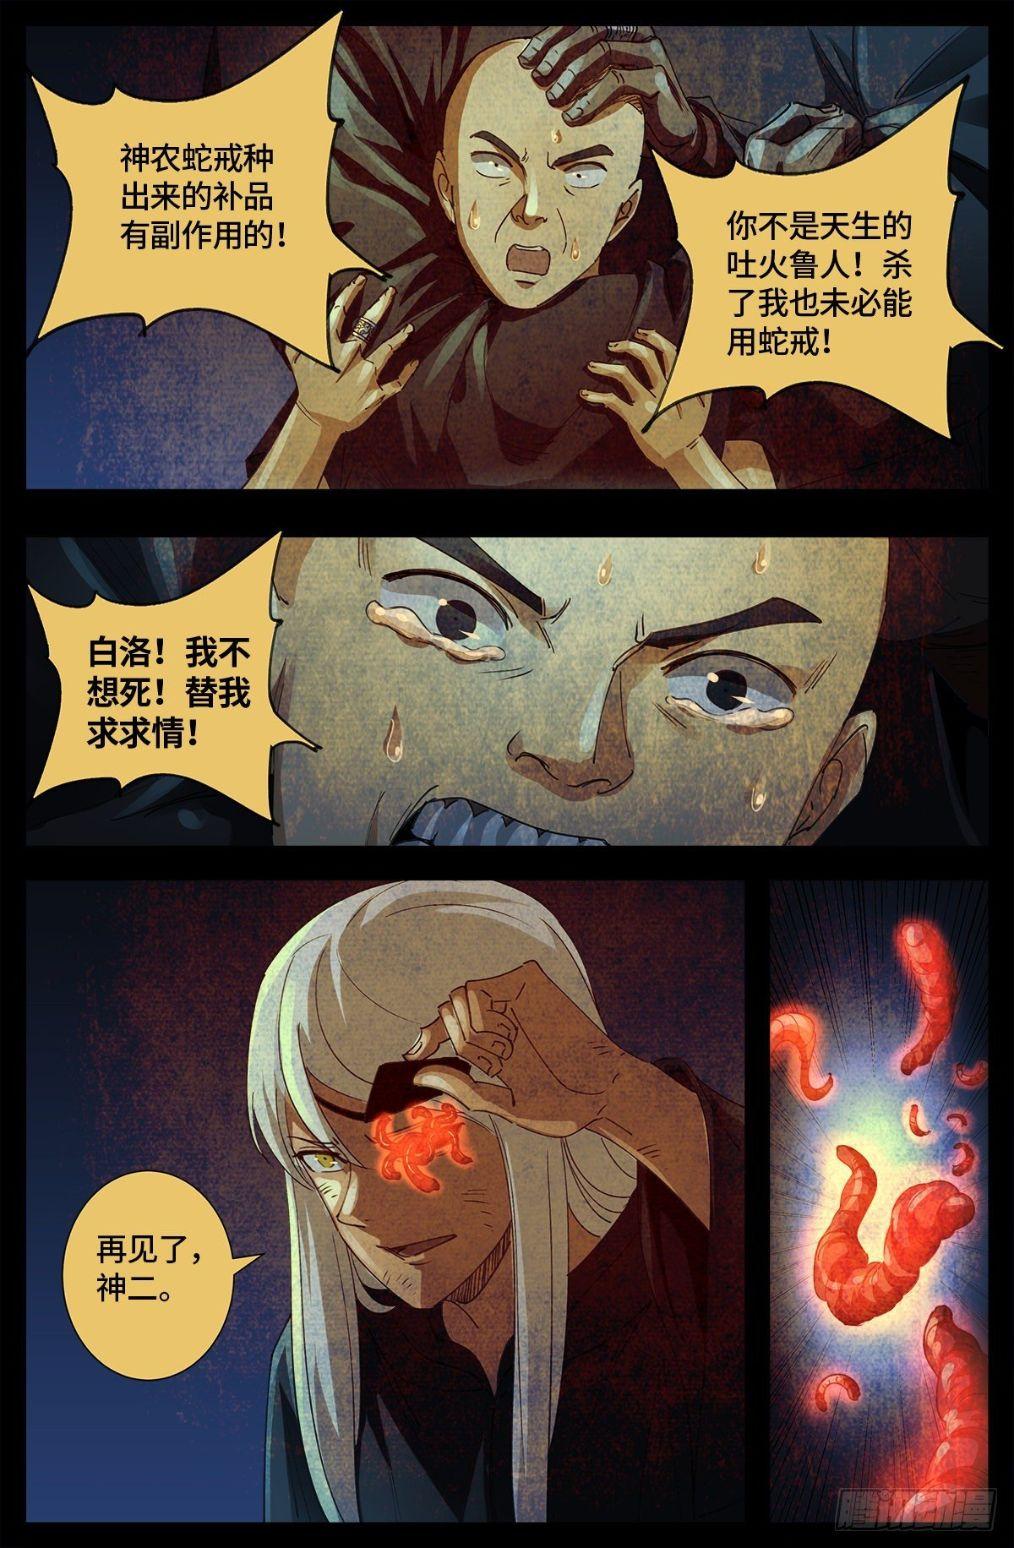 僵尸王漫画:戒魔人 第648话 圣星节的大聚会